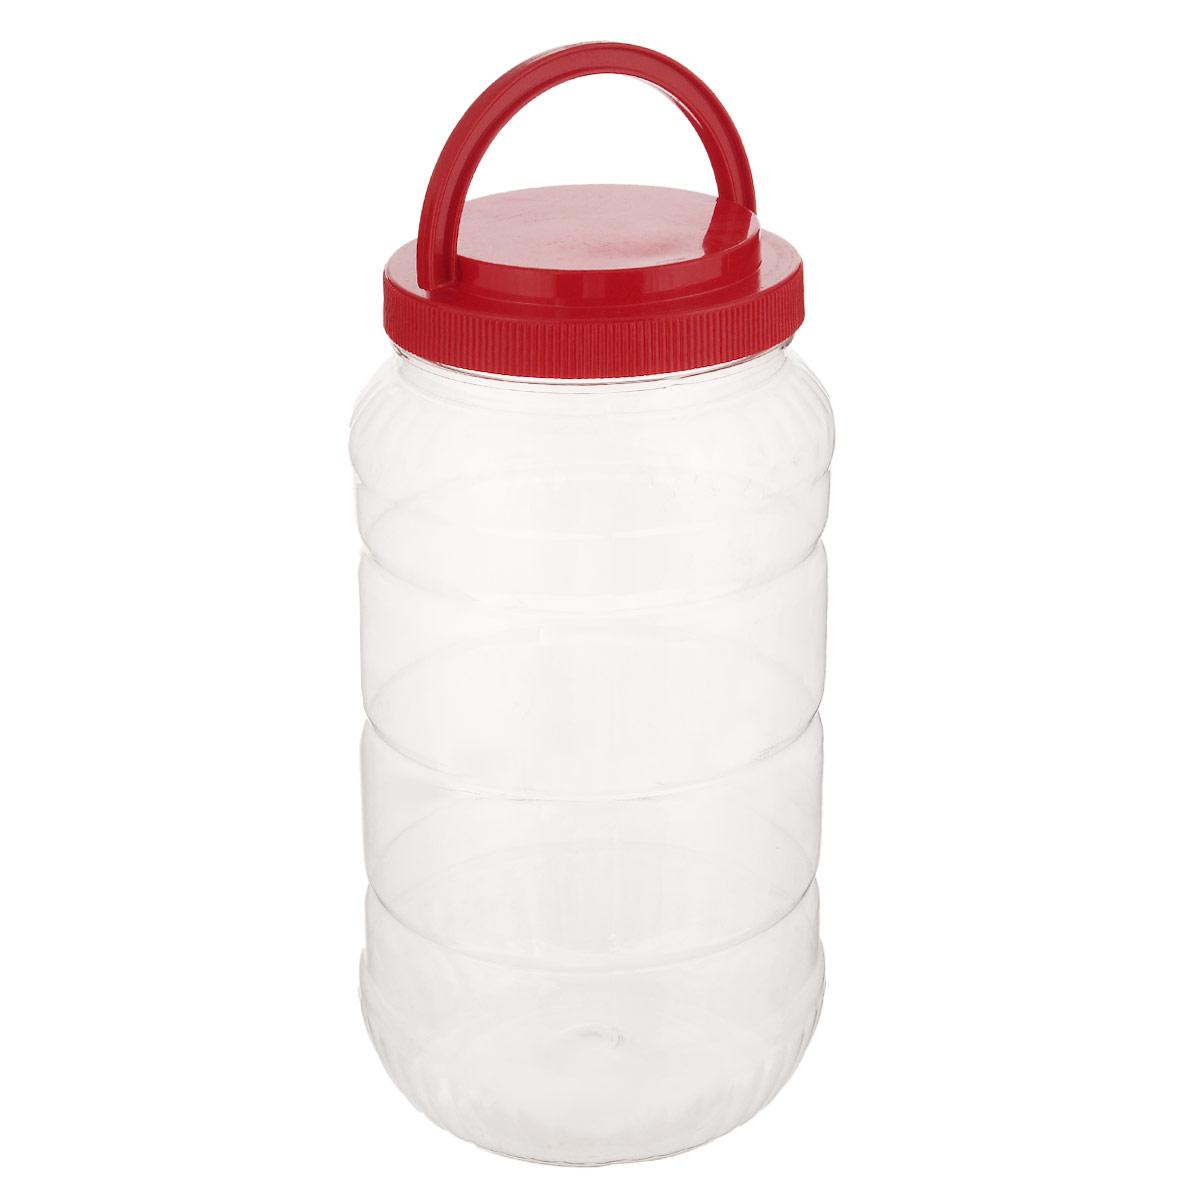 Емкость Альтернатива, с ручкой, цвет: красный, 3 лM957_красныйЕмкость Альтернатива предназначена для хранения сыпучих продуктов или жидкостей. Выполнена из высококачественного пластика. Оснащена ручкой для удобной переноски. Ручка опускается. Диаметр: 10,5 см. Высота (без учета крышки): 25 см.